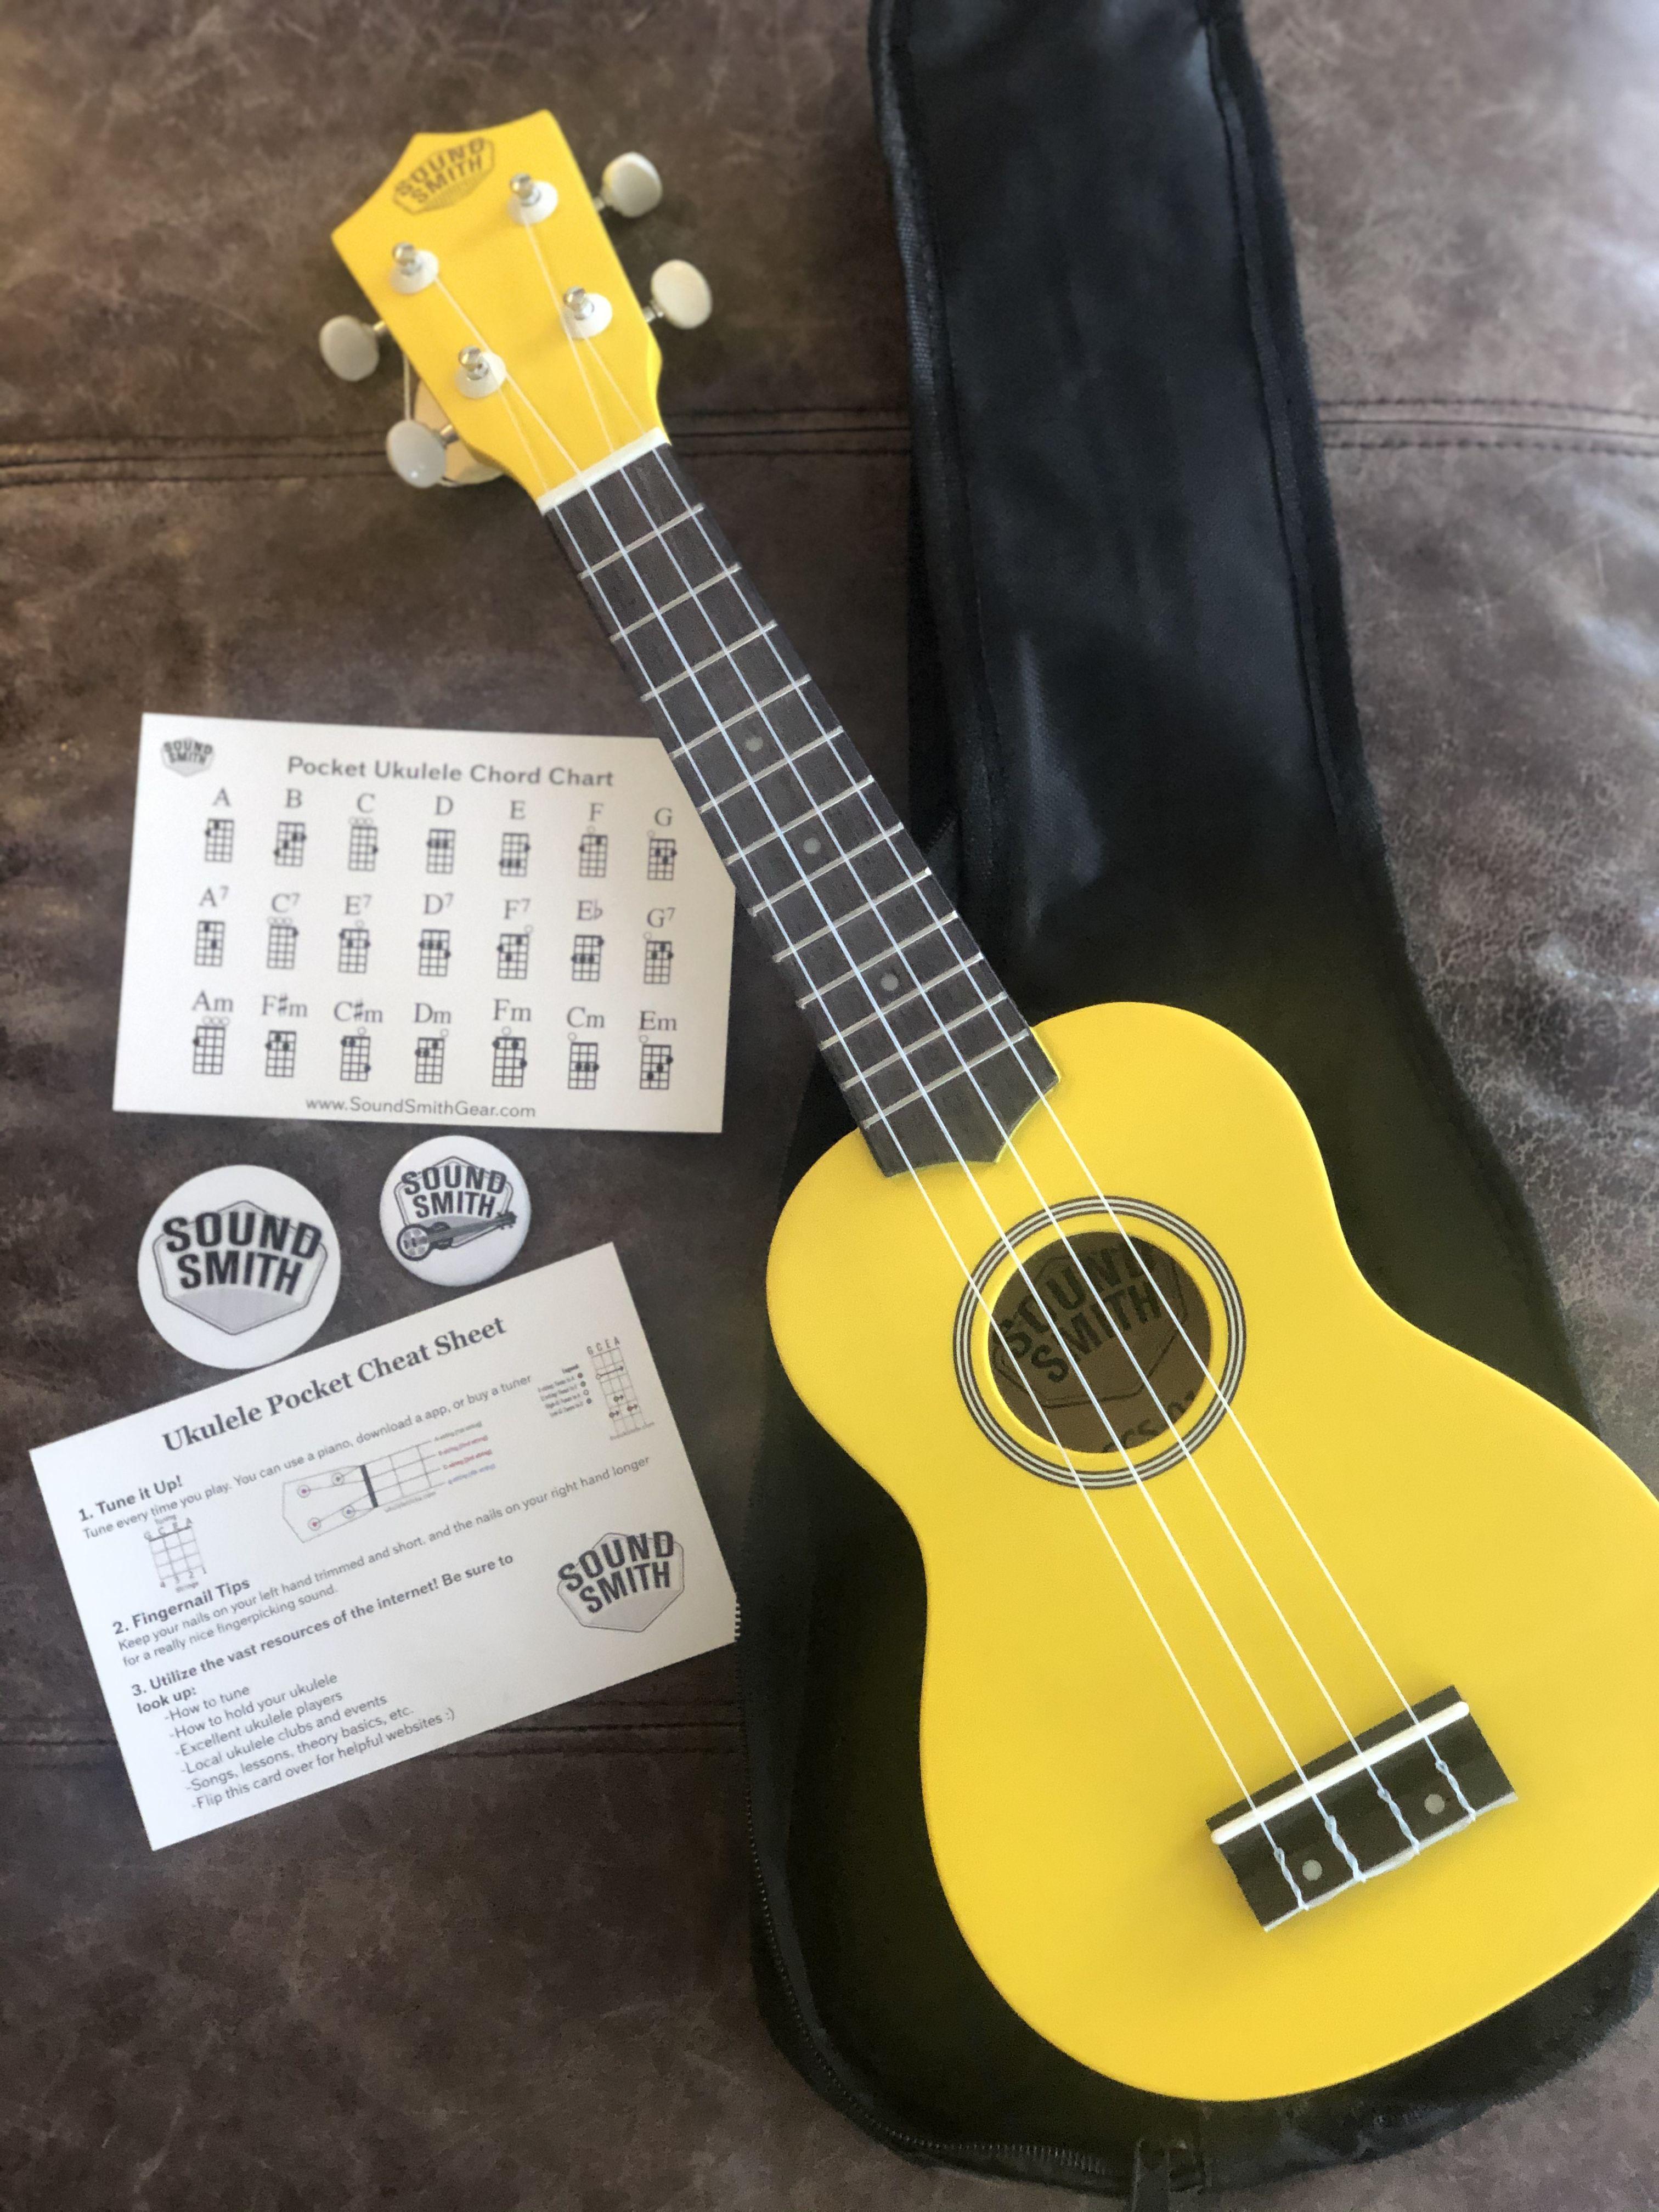 Want To Learn To Play The Ukulele In 2020 Ukulele Ukulele Chords Guitar